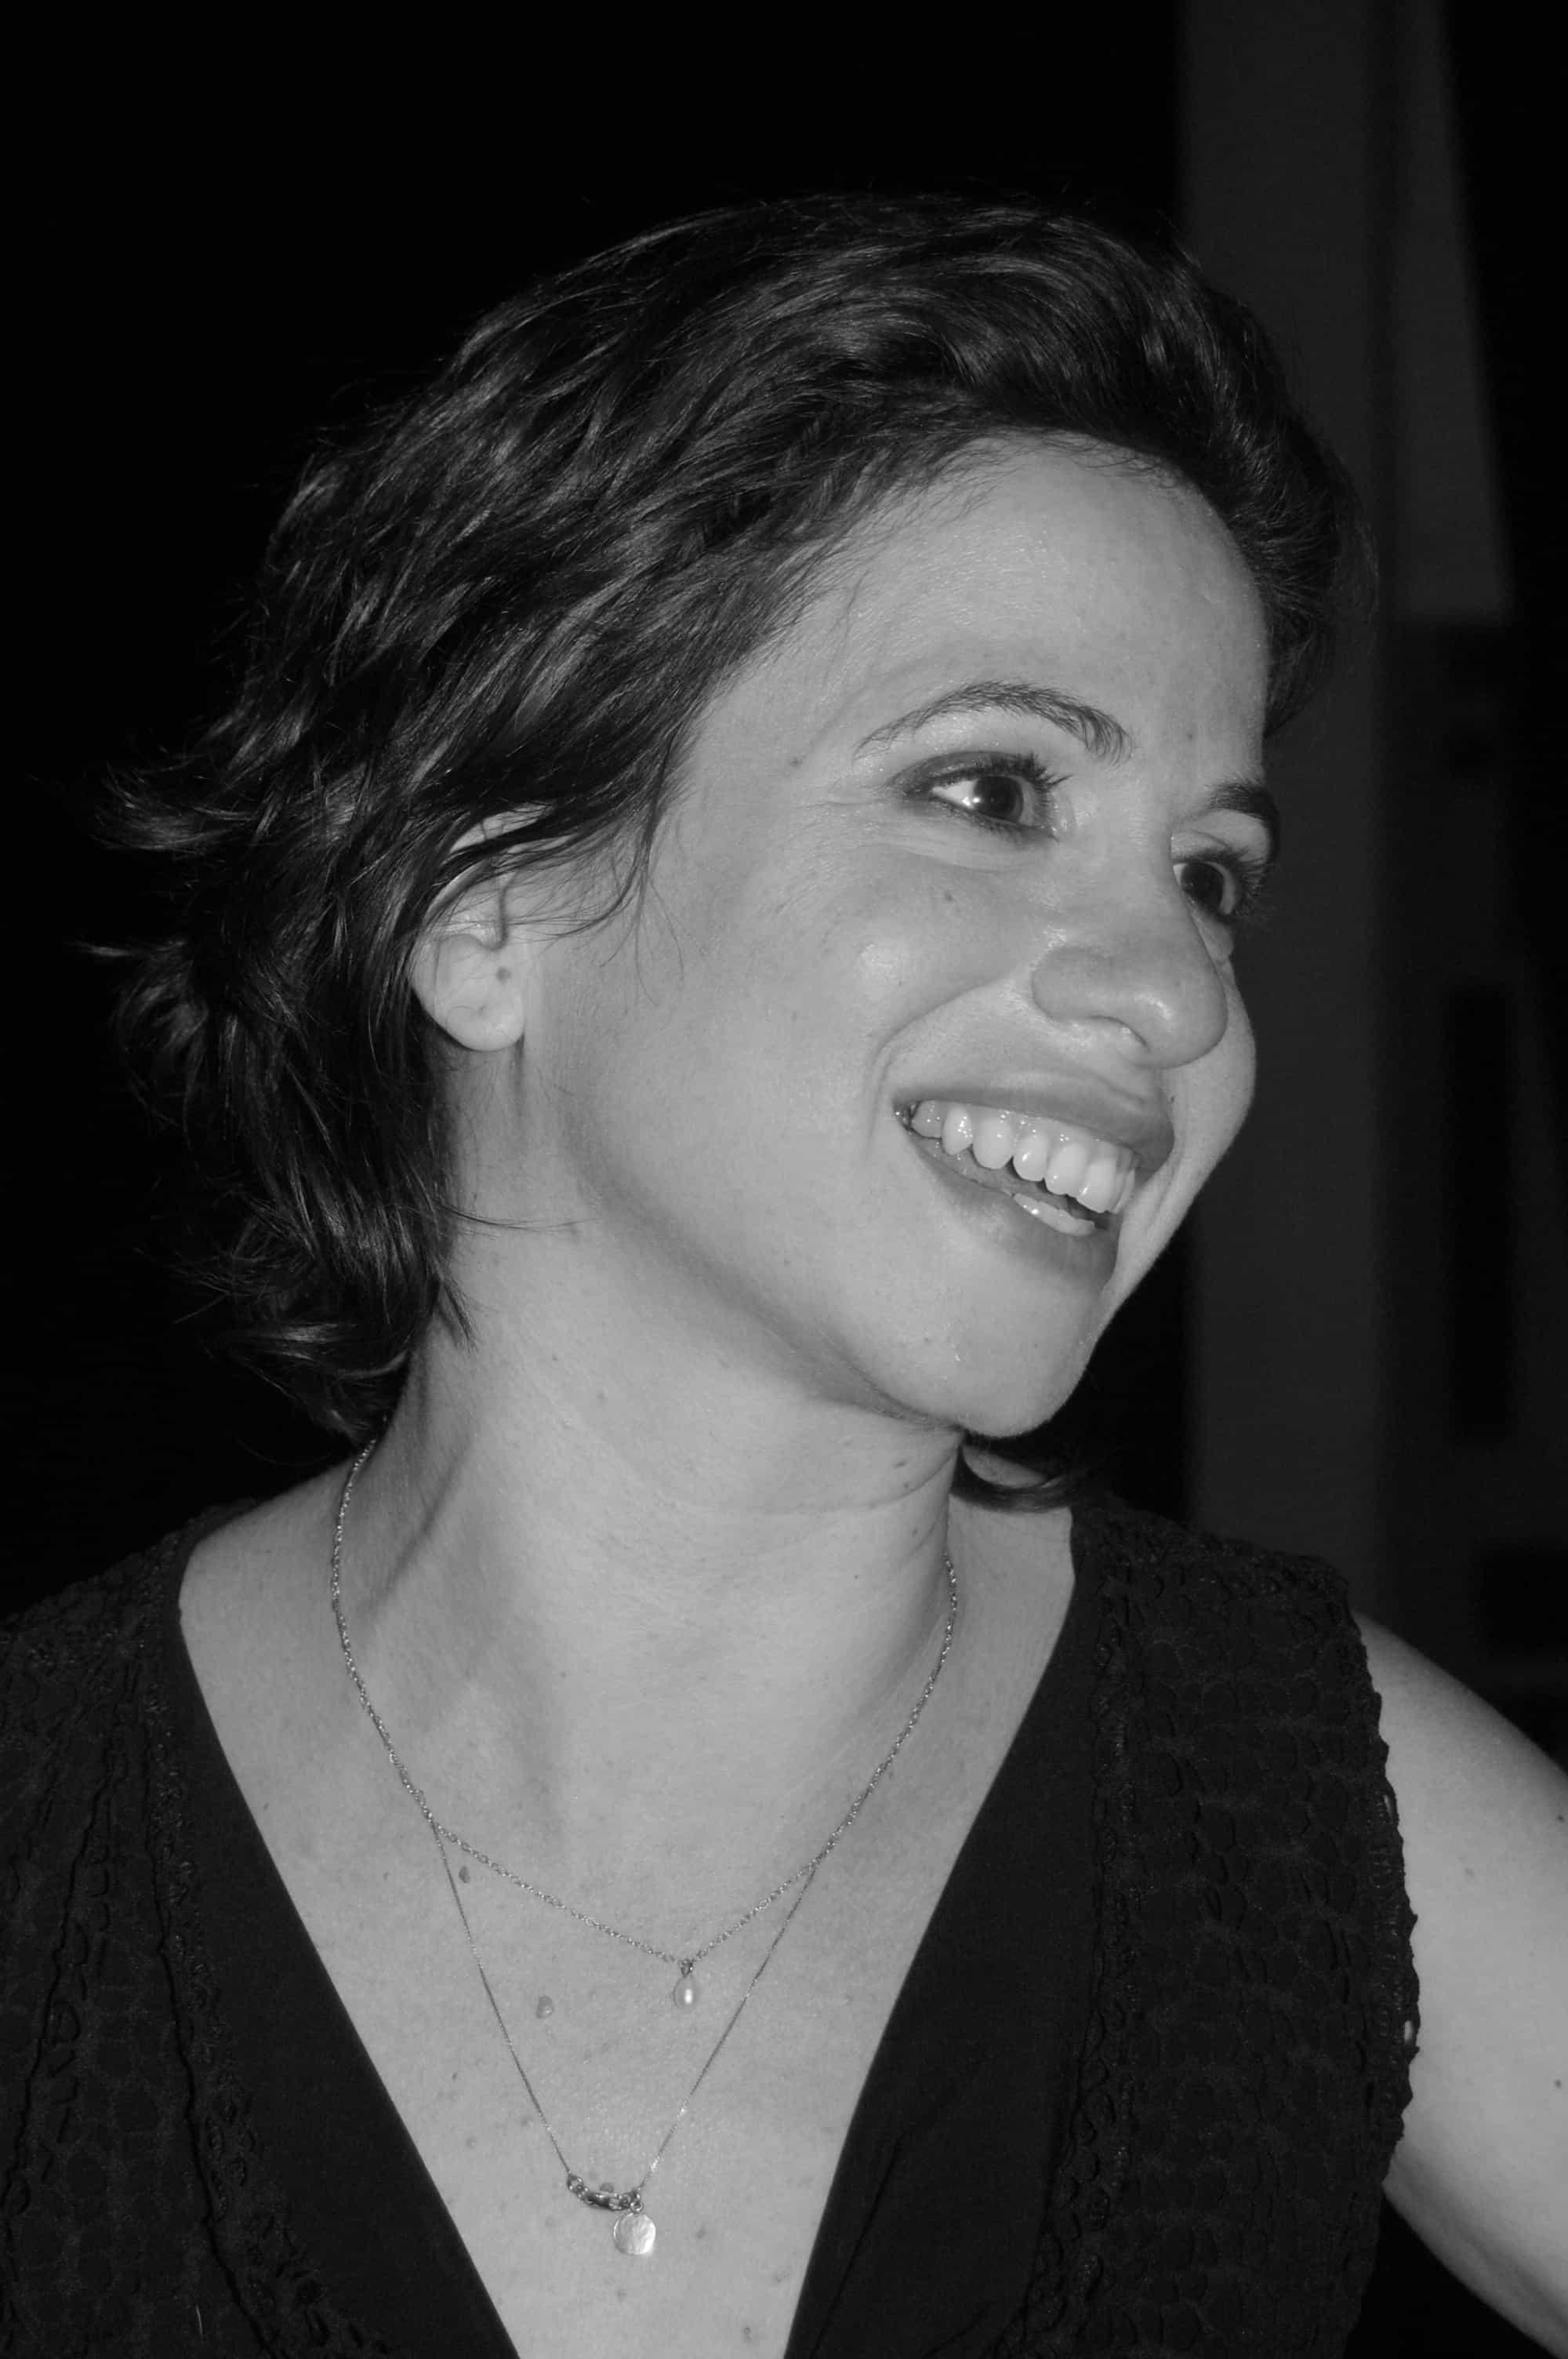 אופירה זילברשטיין, צילום: גדי פיטרמן